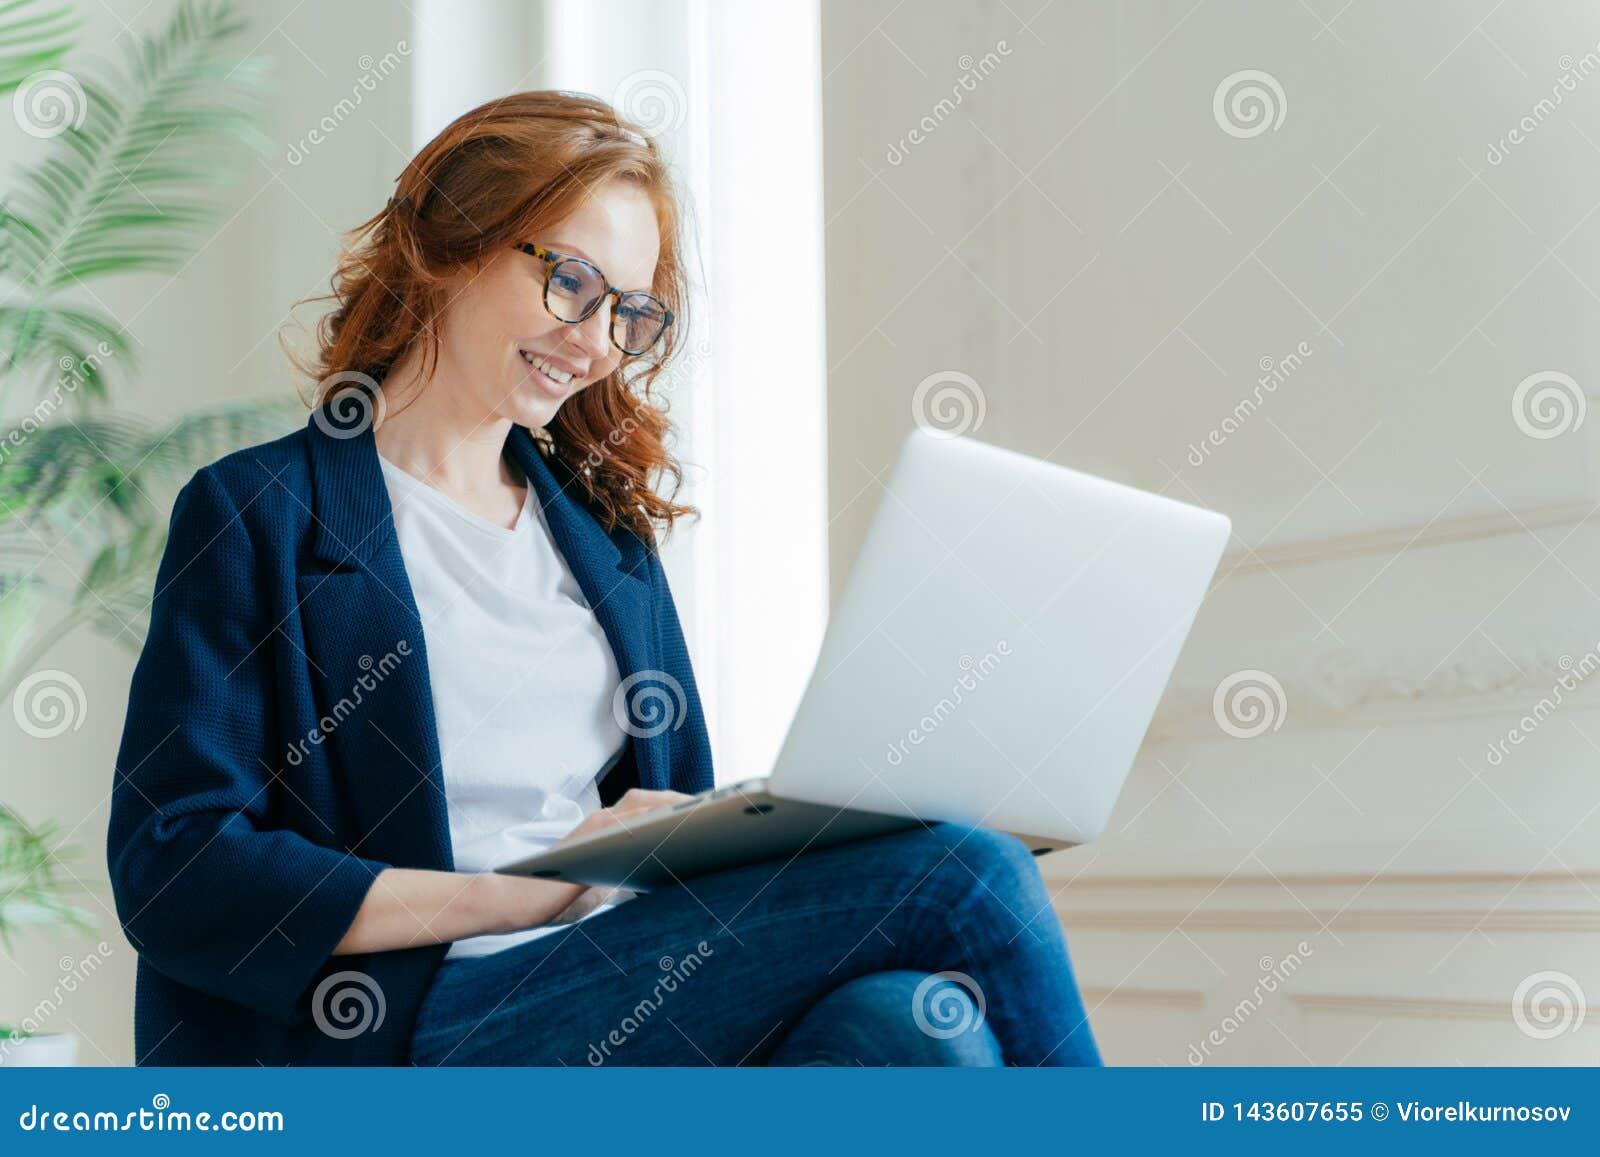 专业女性雇主喜欢工作过程,坐有膝上型计算机设备的盘的腿,聊天网上,有正面神色,有